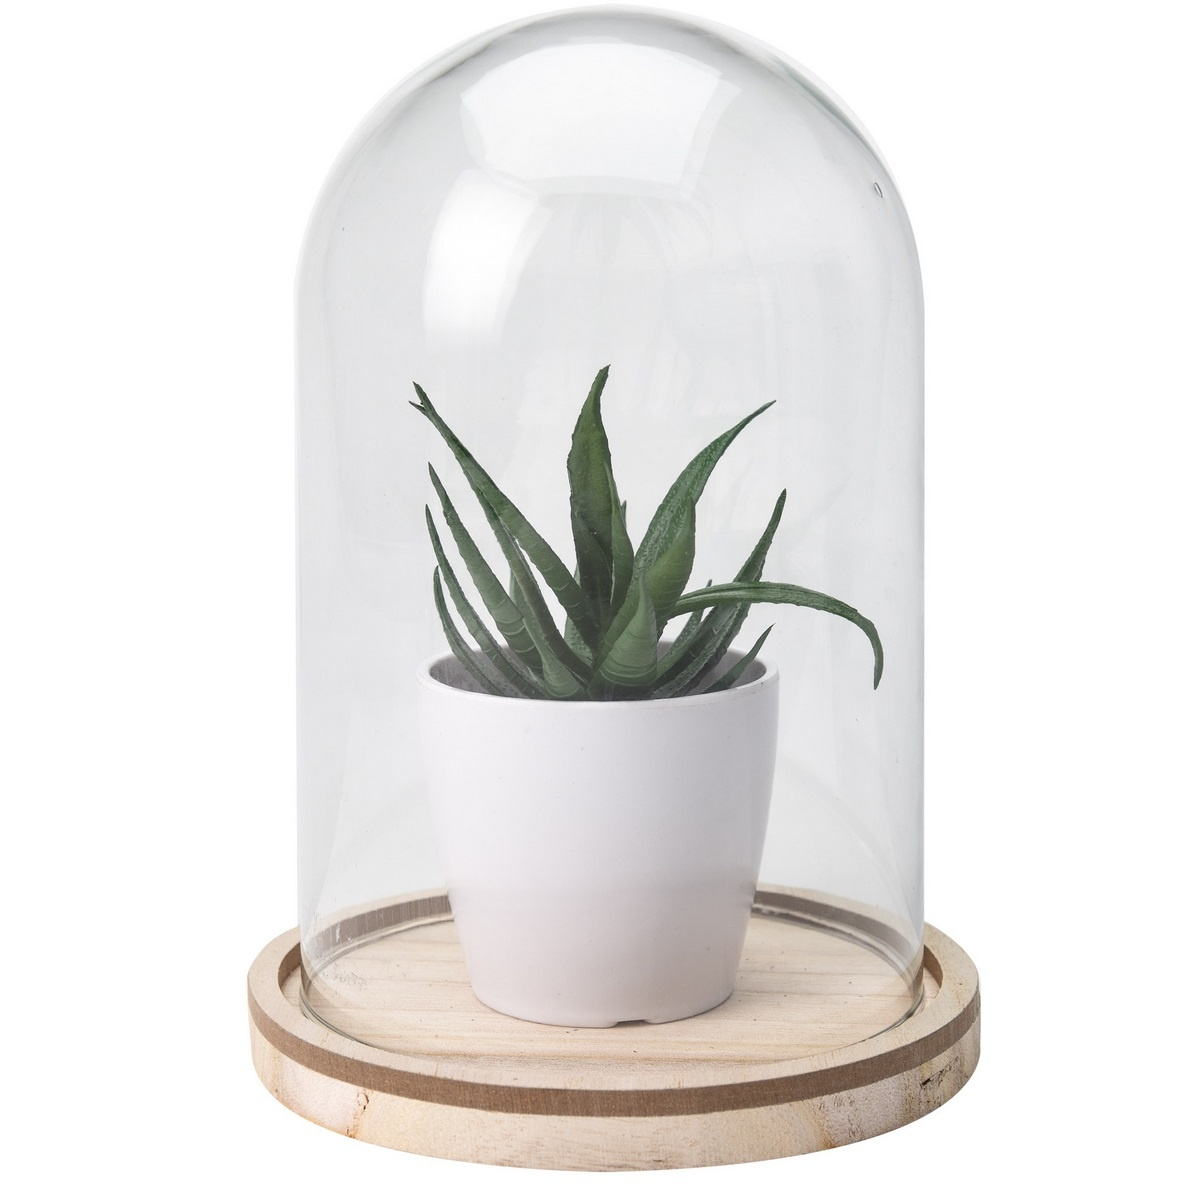 Koopman Umělá rostlina ve skle Stephania, 19 cm